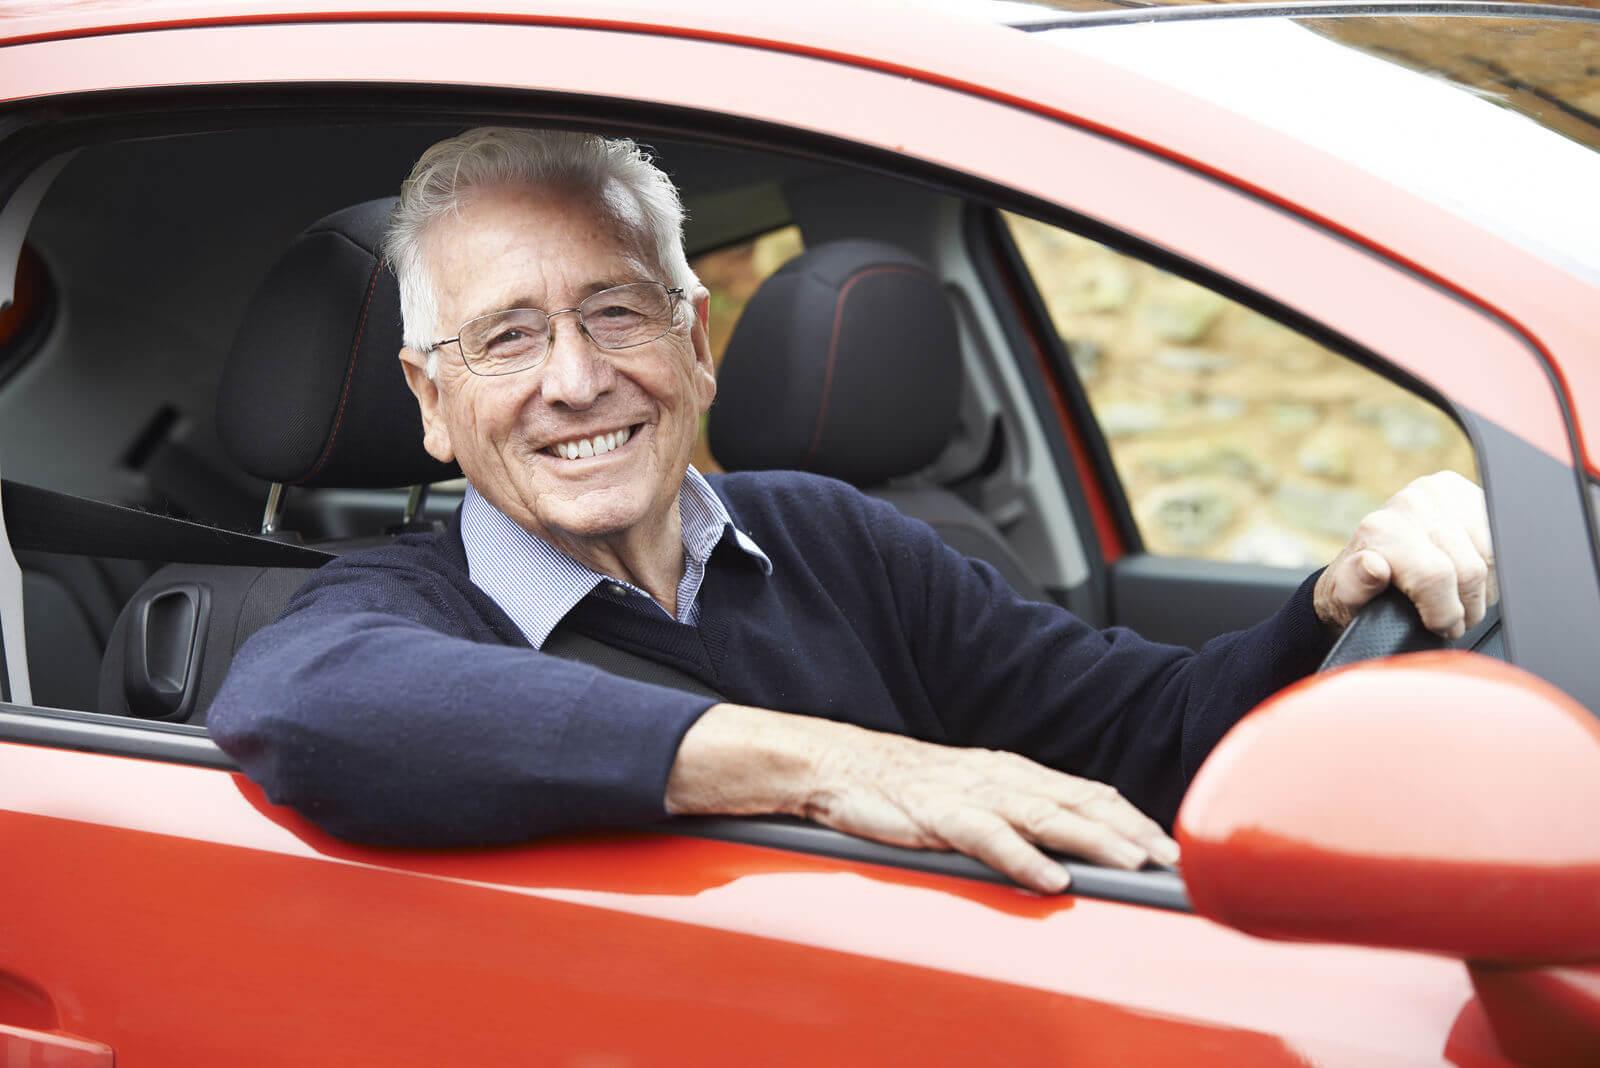 How Do J.D. Power Car Insurance Rankings Work?